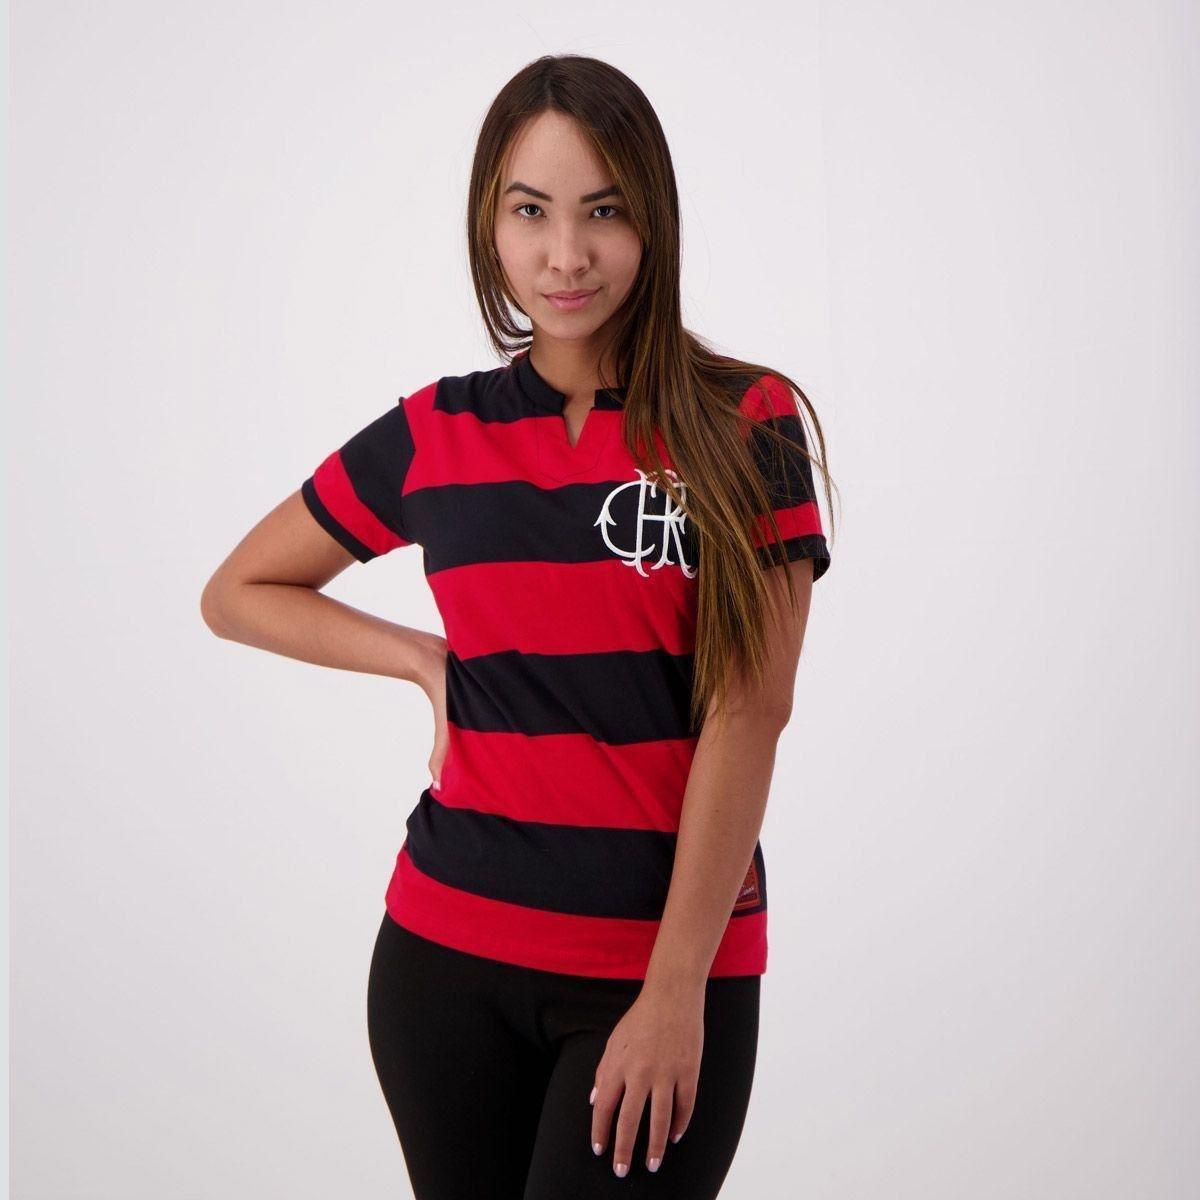 Camisa Flamengo Fla-Tri Feminina - Vermelho - Compre Agora  5be61a516b0f6